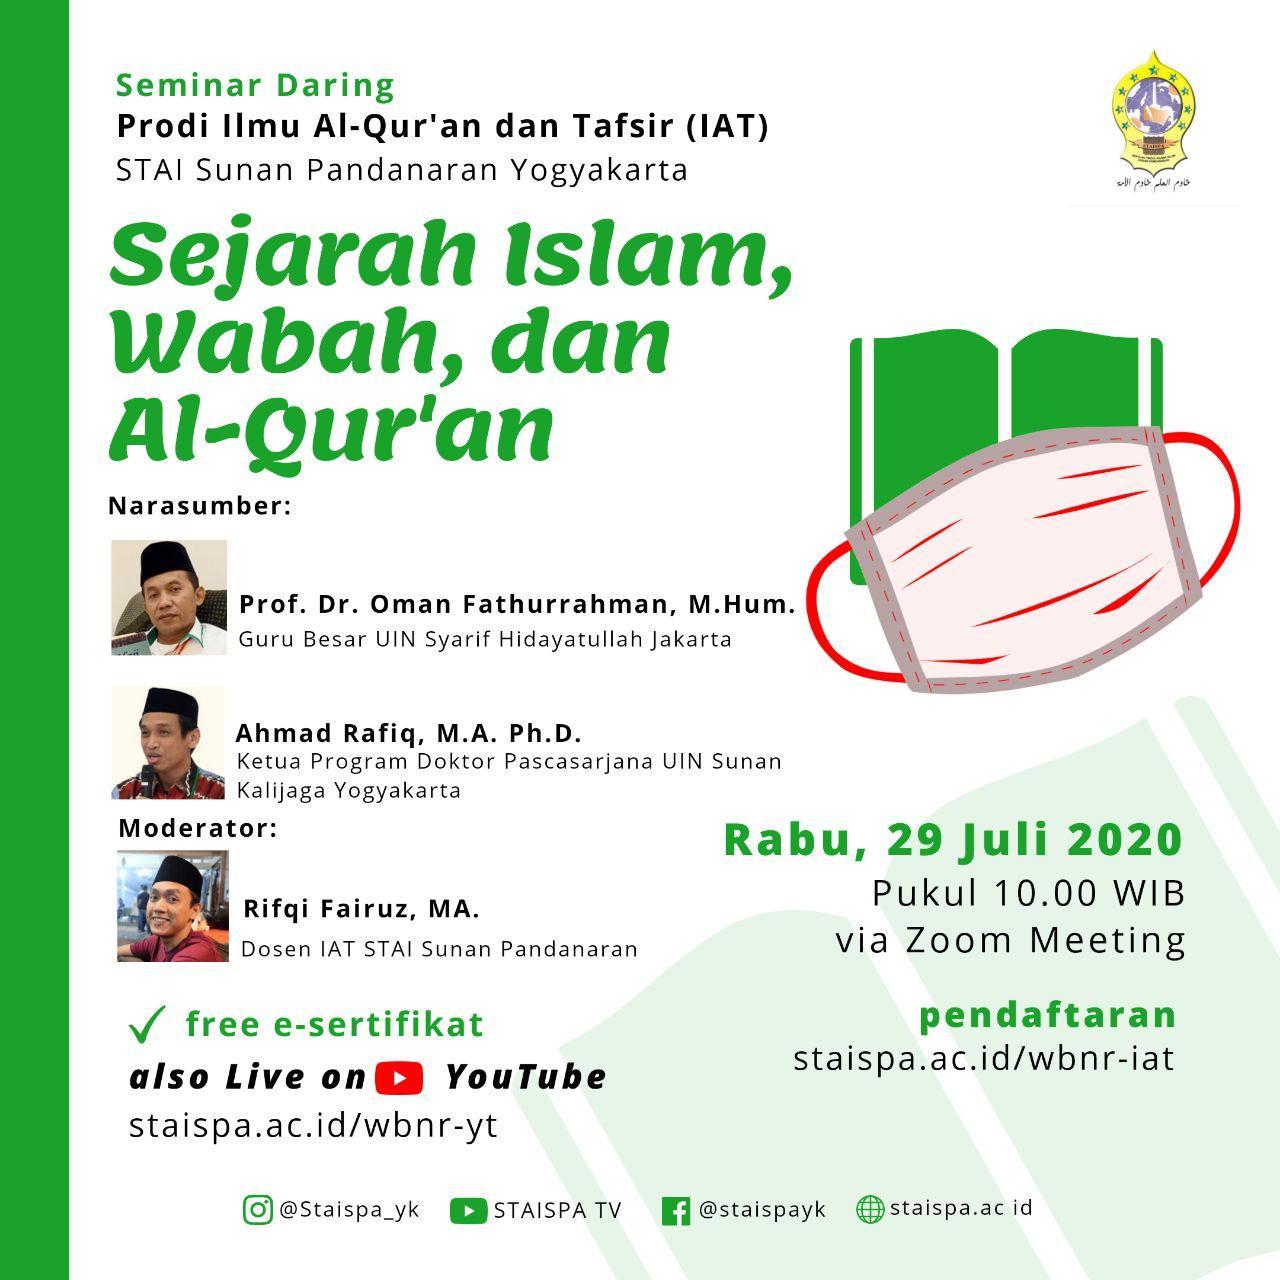 SEMINAR DARING PRODI IAT STAI SUNAN PANDANARAN: SEJARAH ISLAM, WABAH, DAN AL-QUR'AN